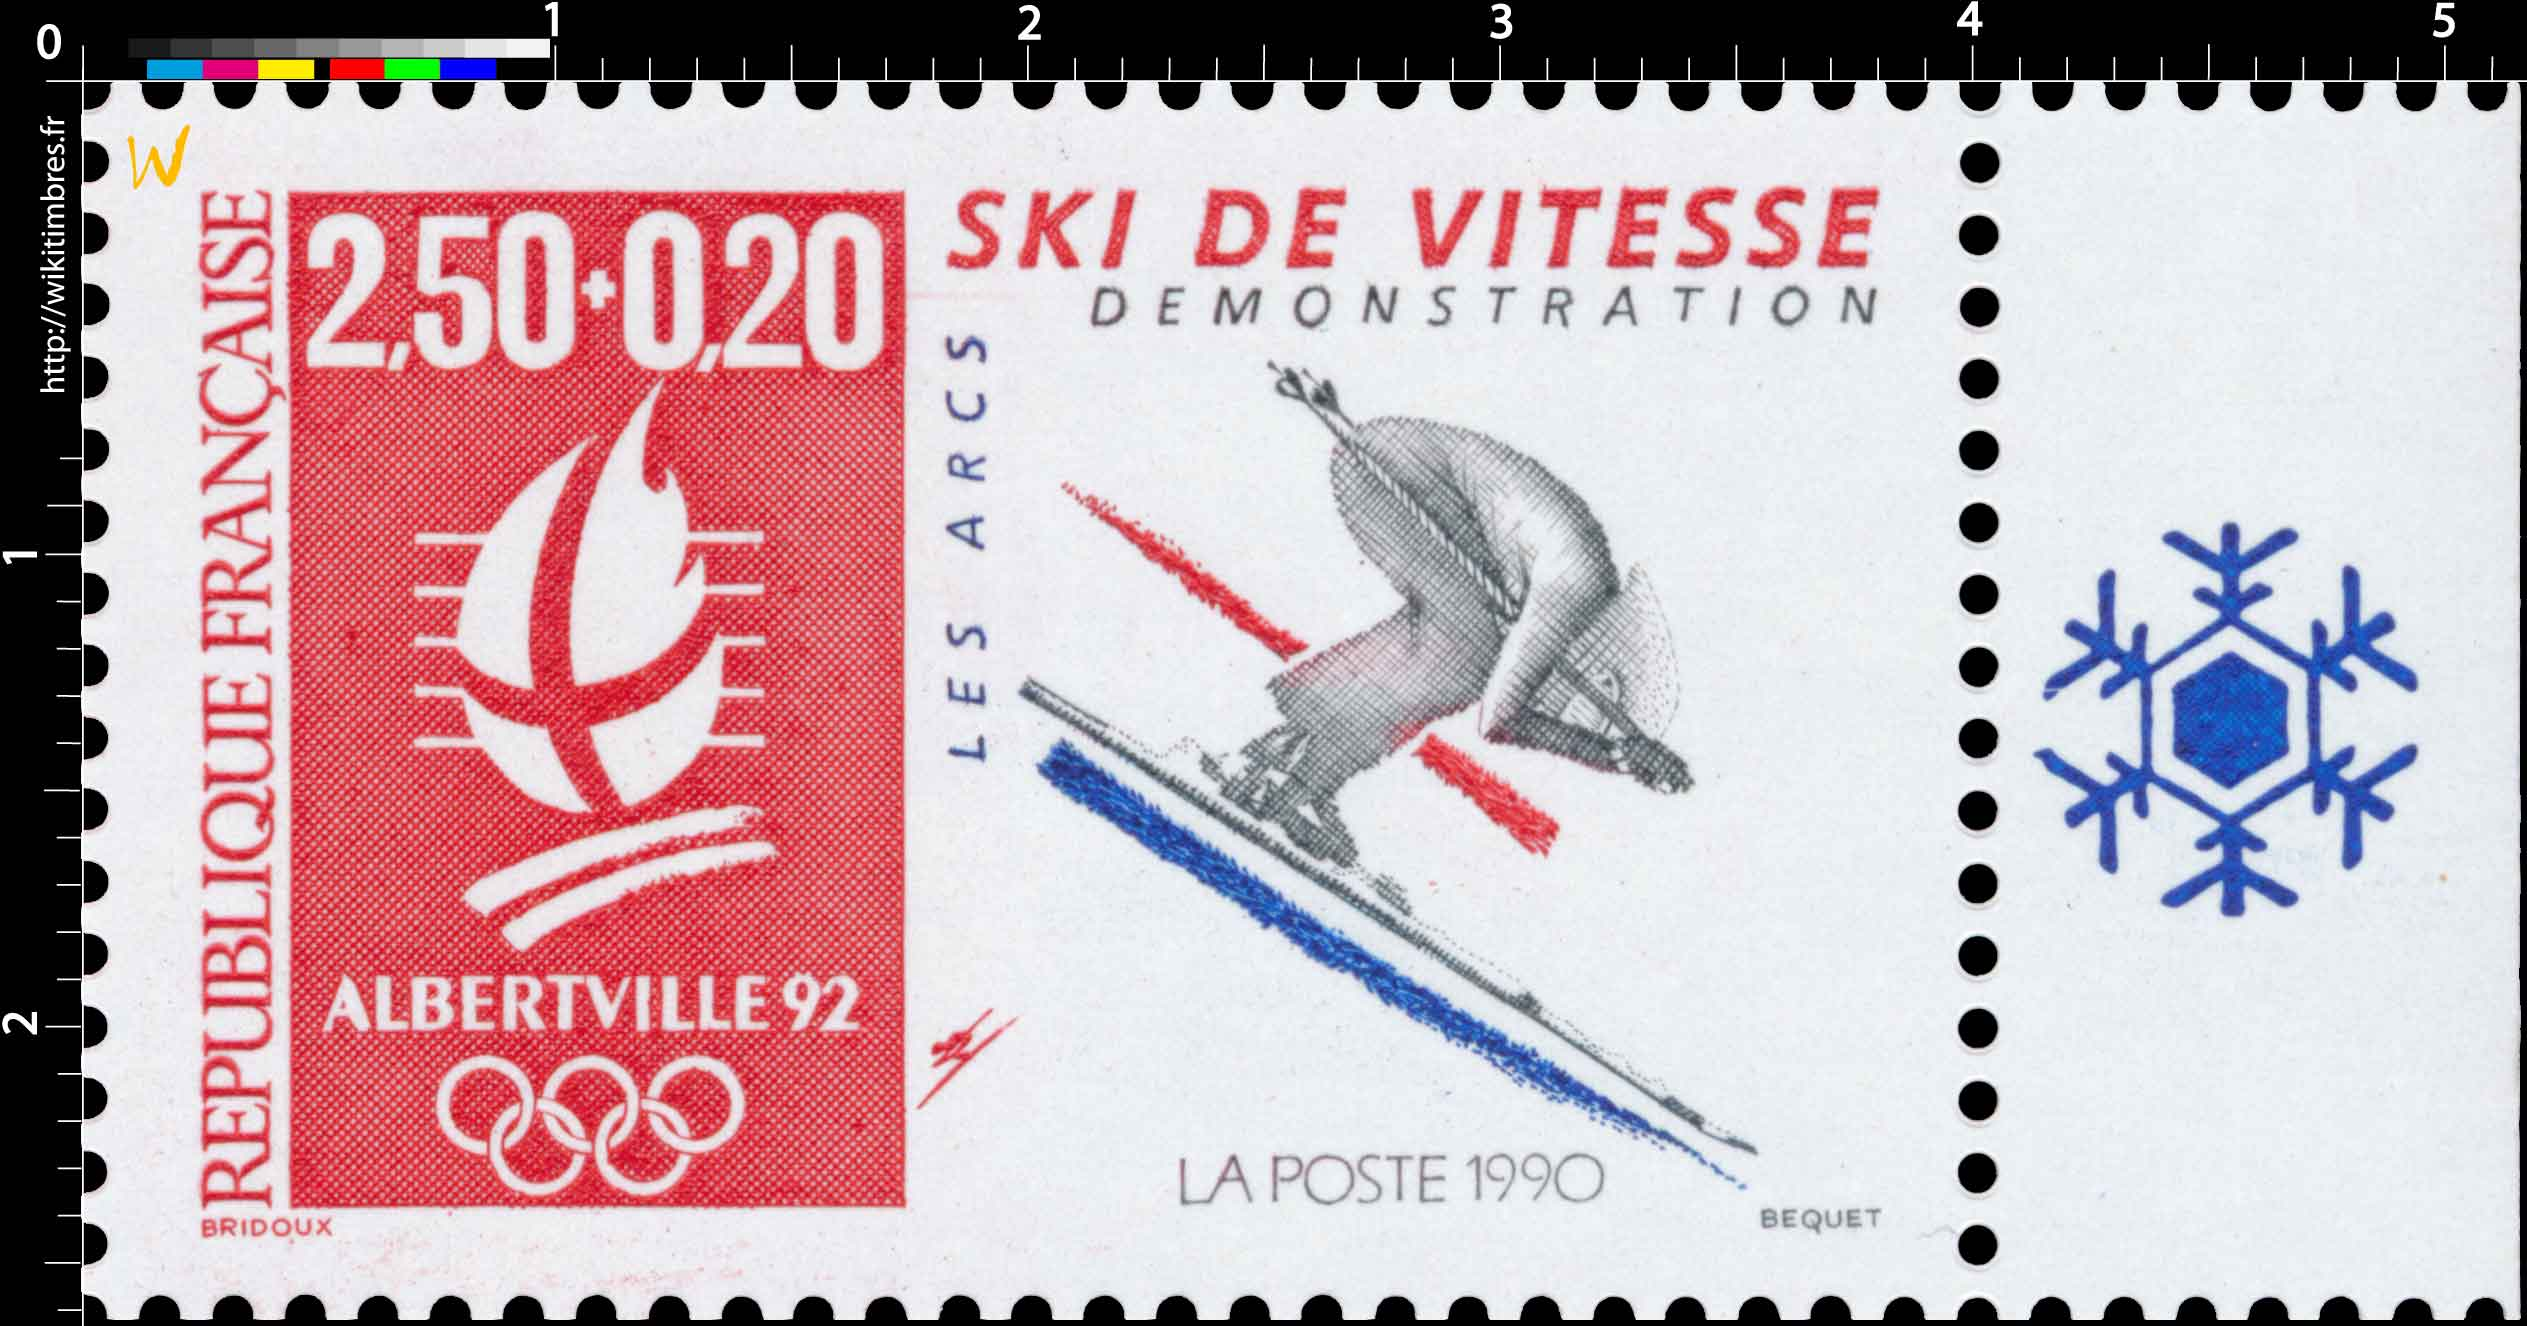 1990 ALBERTVILLE 92. JEUX OLYMPIQUES D'HIVER, SKI DE VI